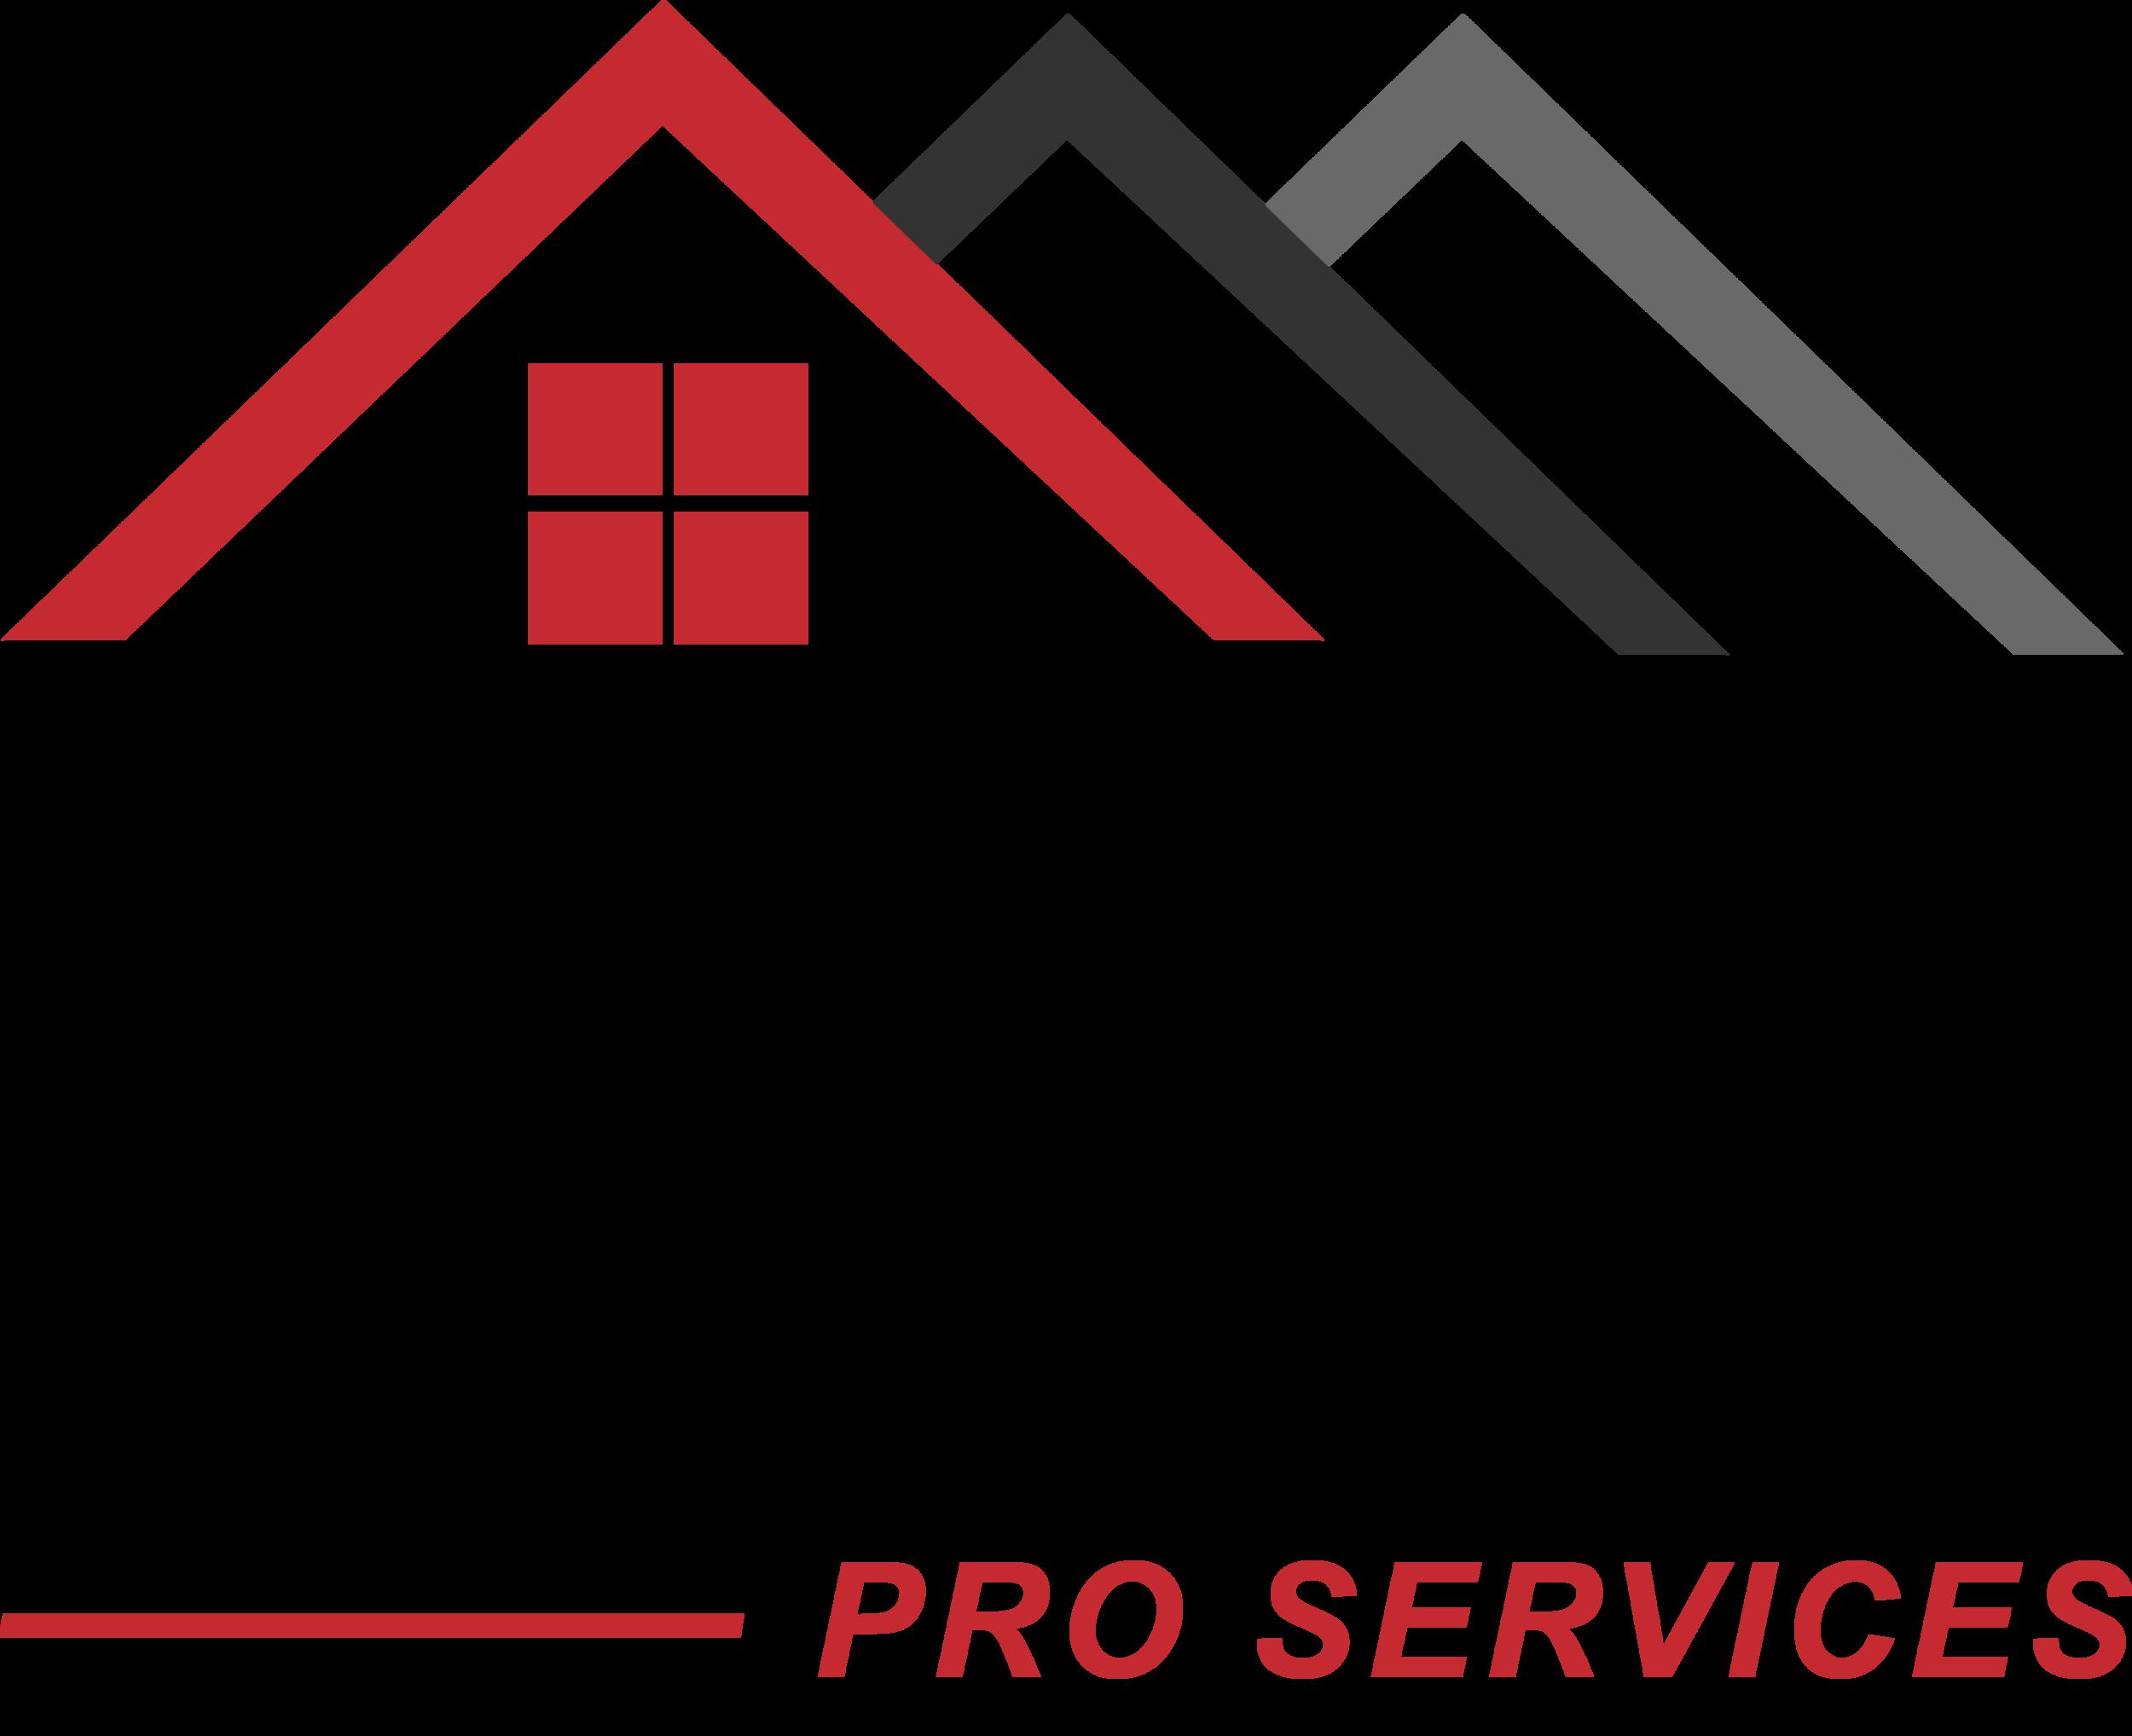 Petrali_Pro_Services italics.png